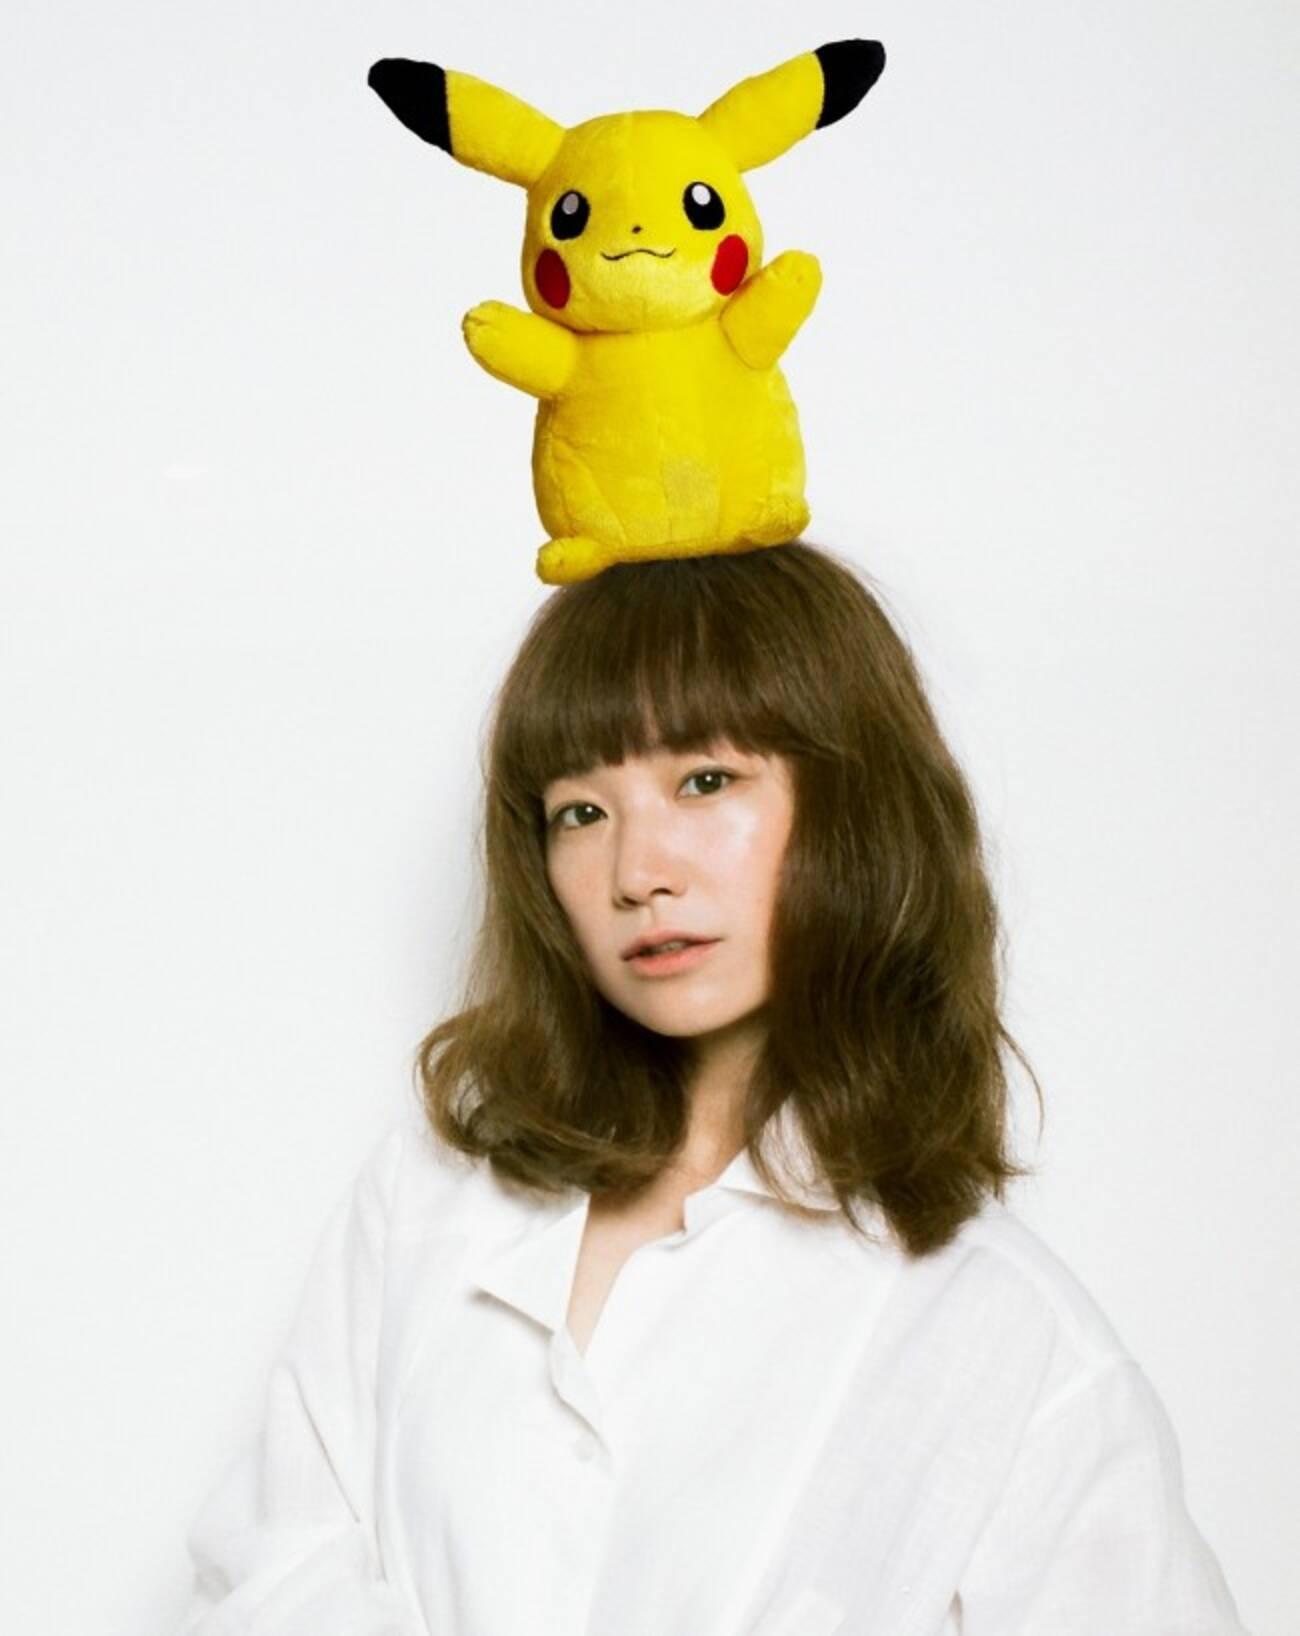 yuki、『ポケモン』映画で主題歌担当 「届きますように」脚本から歌詞